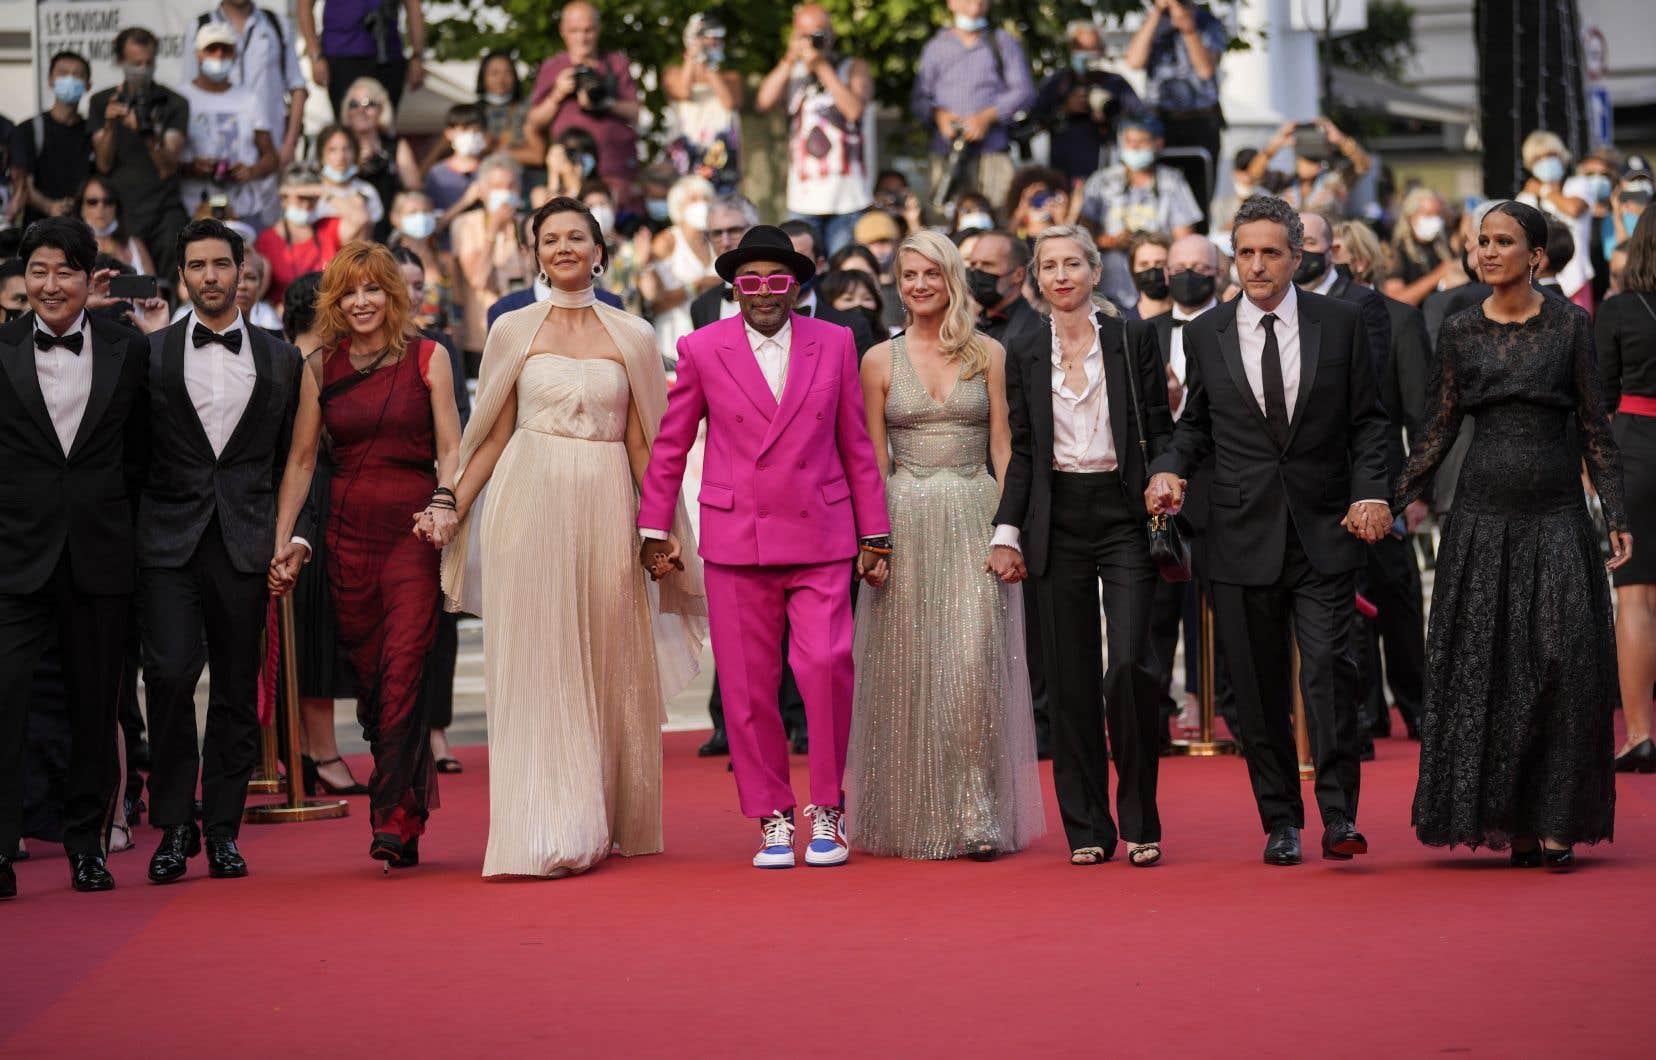 Les membres du jury, majoritairement composé de femmes cette année, ont foulé le tapis rouge lors de la journée d'ouverture du Festival de Cannes. De gauche à droite: Song Kang-ho, Tahar Rahim, Mylène Farmer, Maggie Gyllenhaal, Spike Lee, Mélanie Laurent, Jessica Hausner, Kleber Mendonça Filho et Mati Diop.